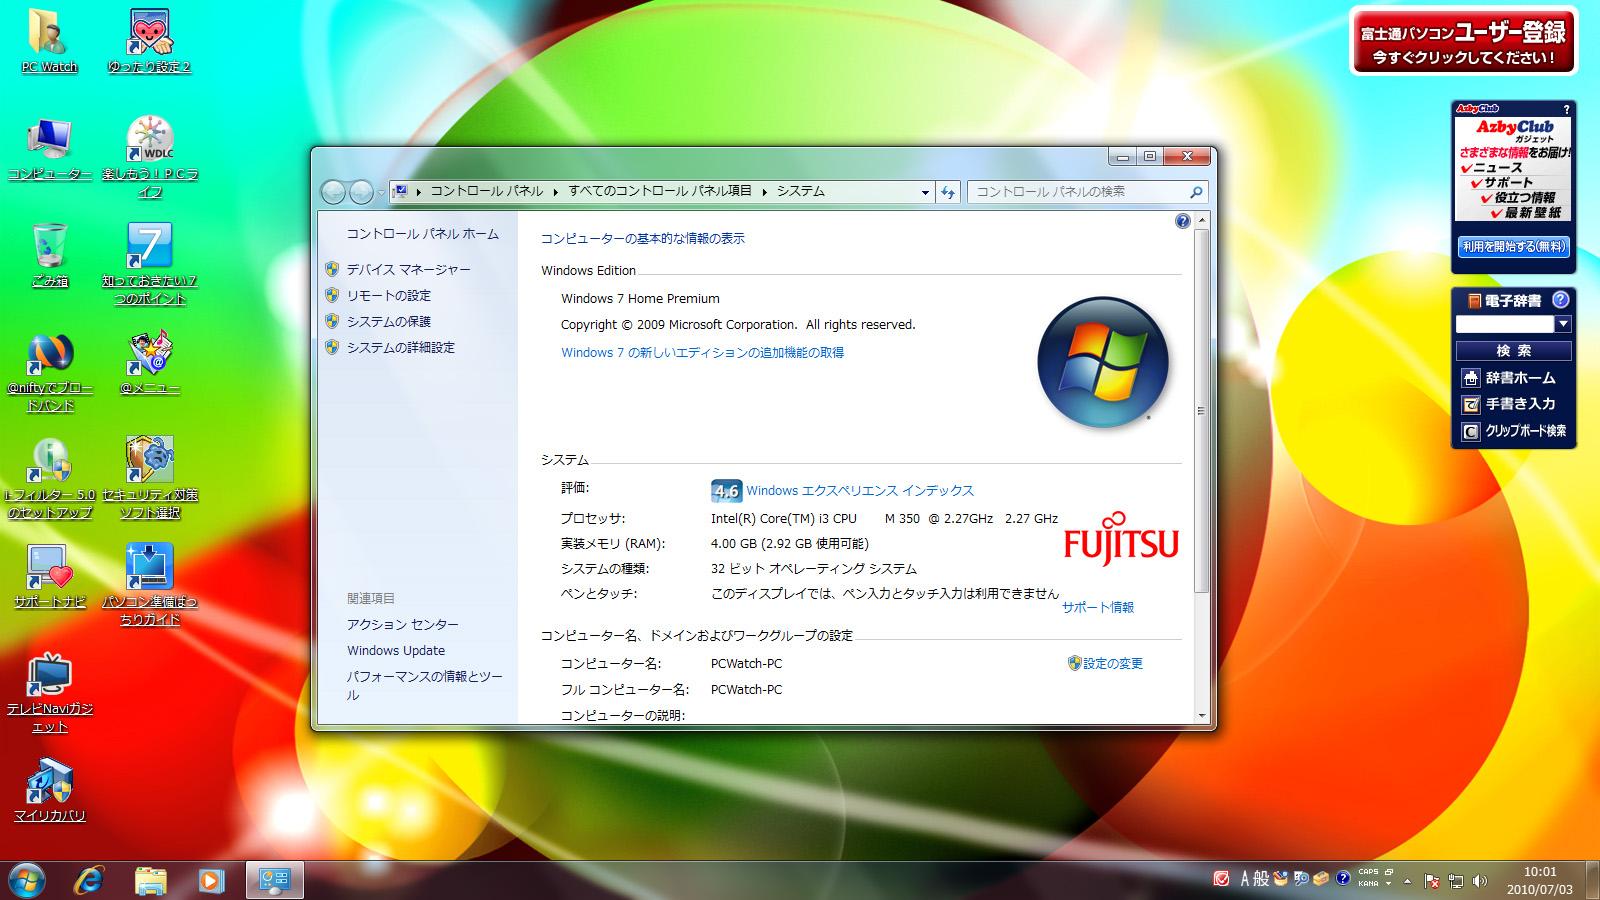 デスクトップ。いろいろなプリインストールアプリケーションが見える。同社固有のシングルクリック設定だ